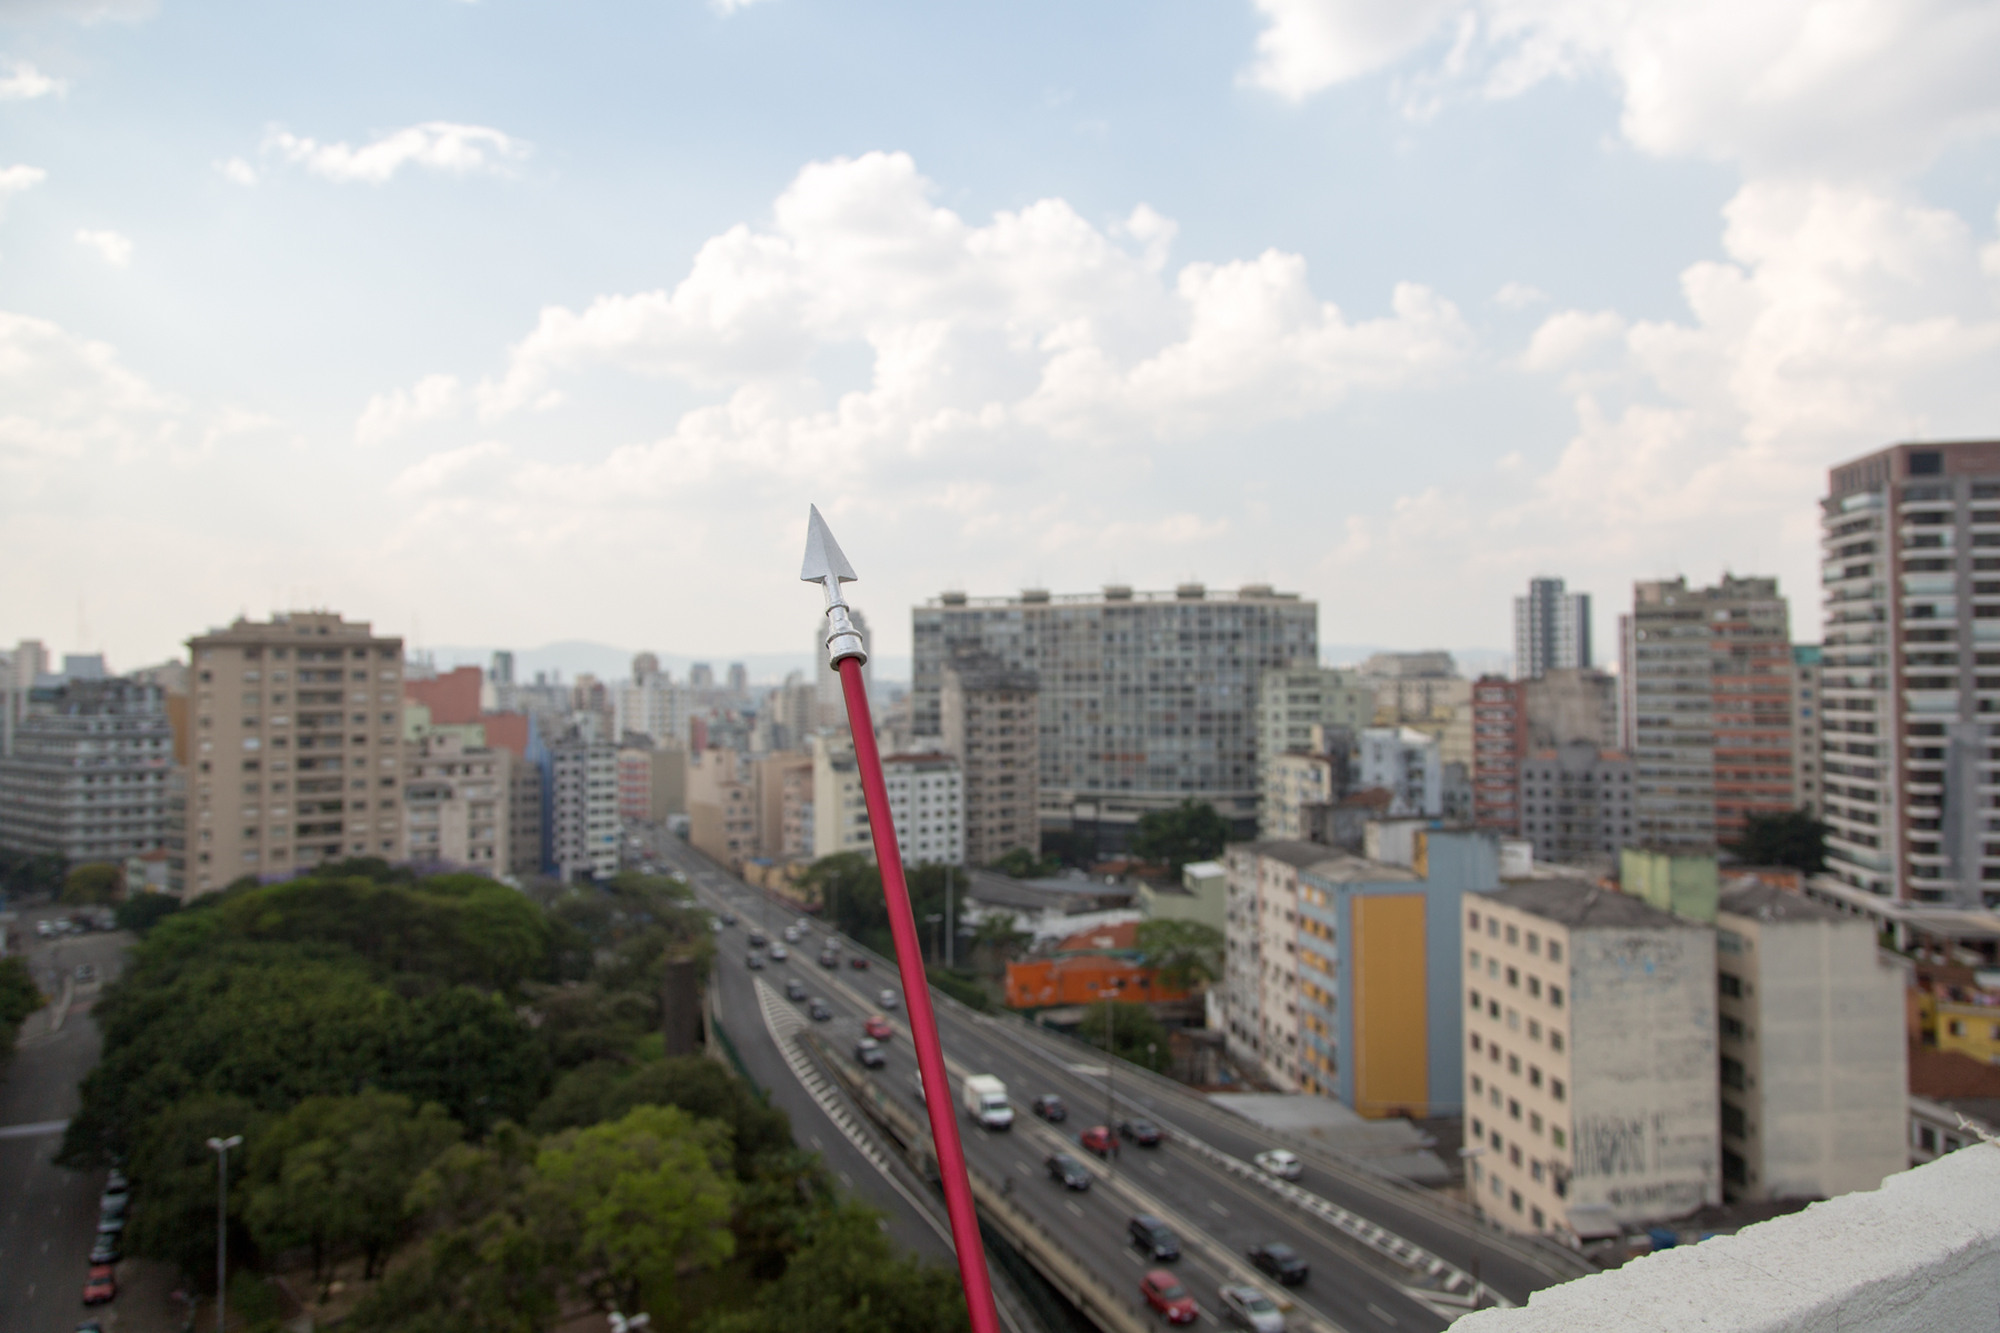 12 Observatório - Acareação - Débora Bolsoni, Lanças